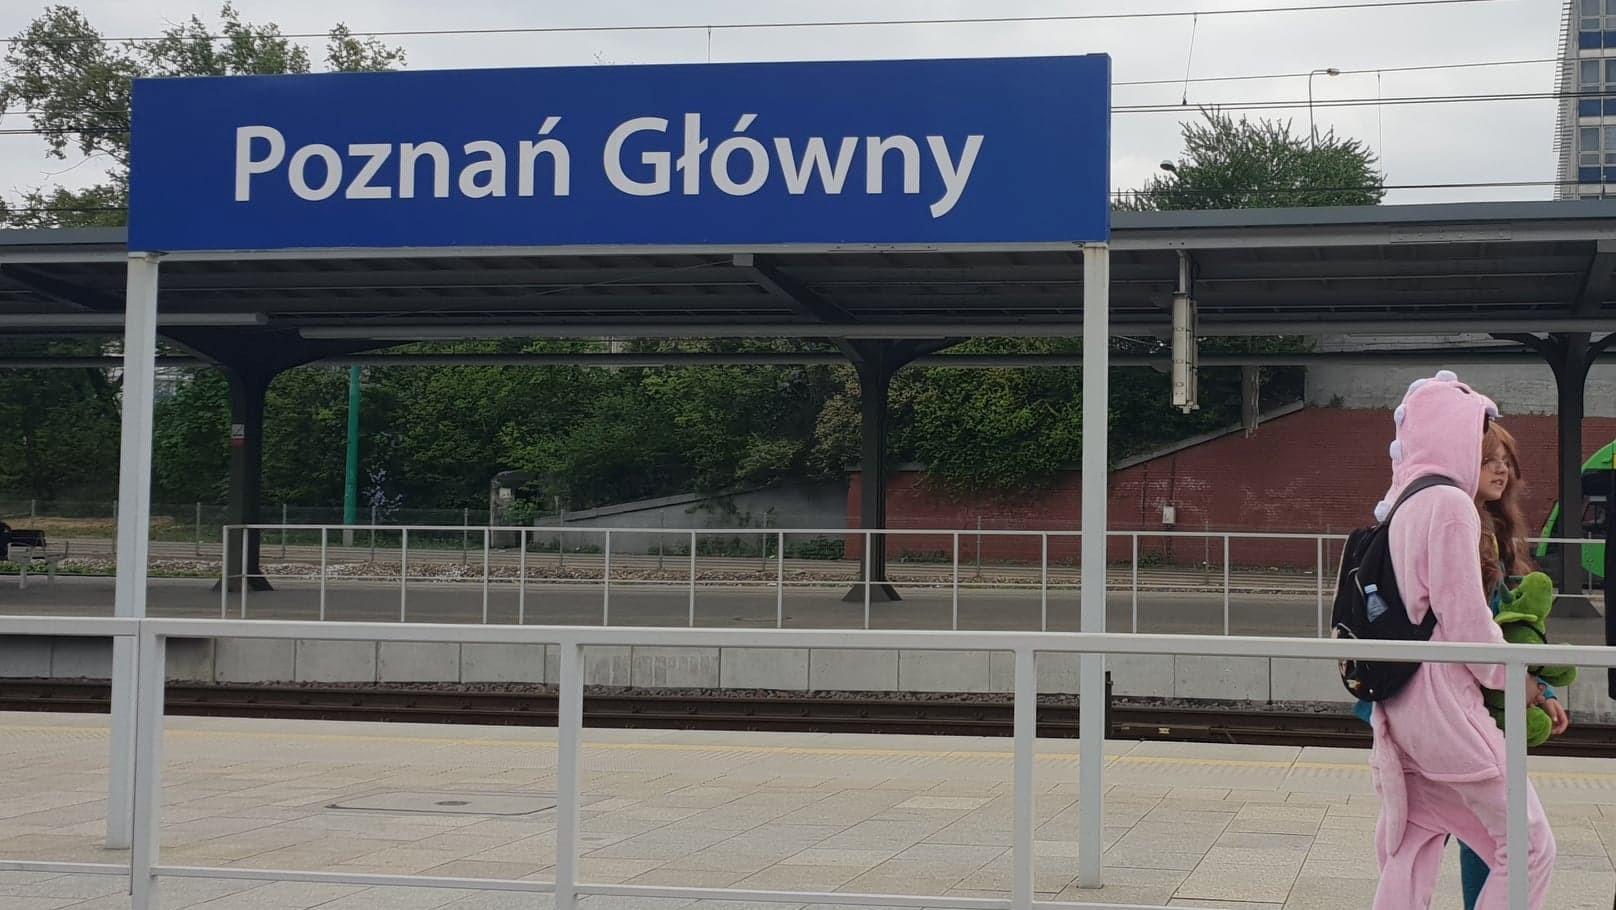 pyrkon uczestnicy wracają dworzec główny - Michał Jędrkowiak